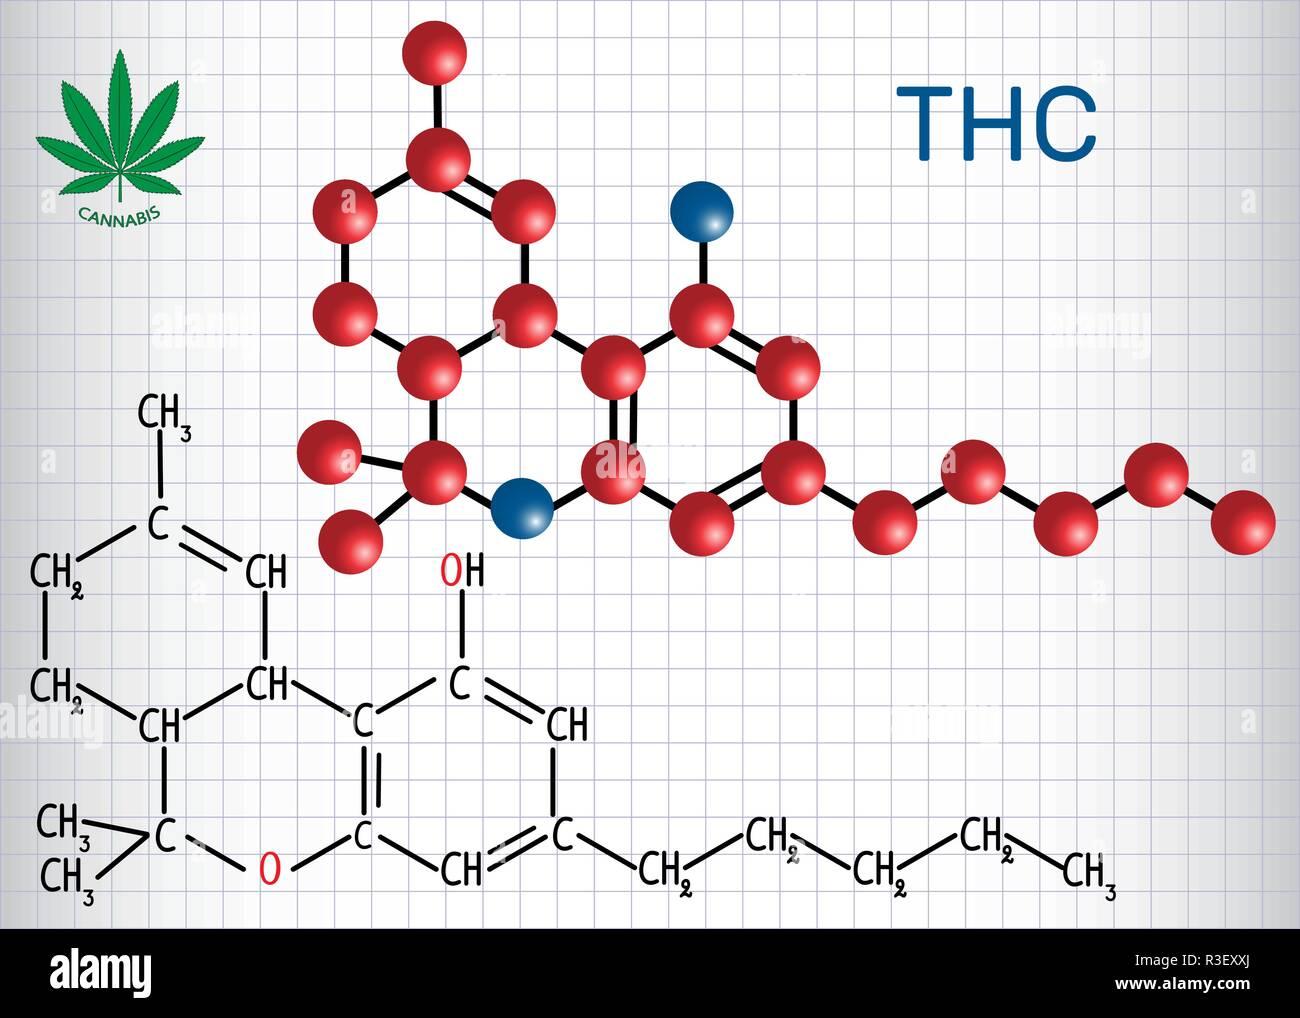 Tetrahydrocannabinol Thc Strukturelle Chemische Formel